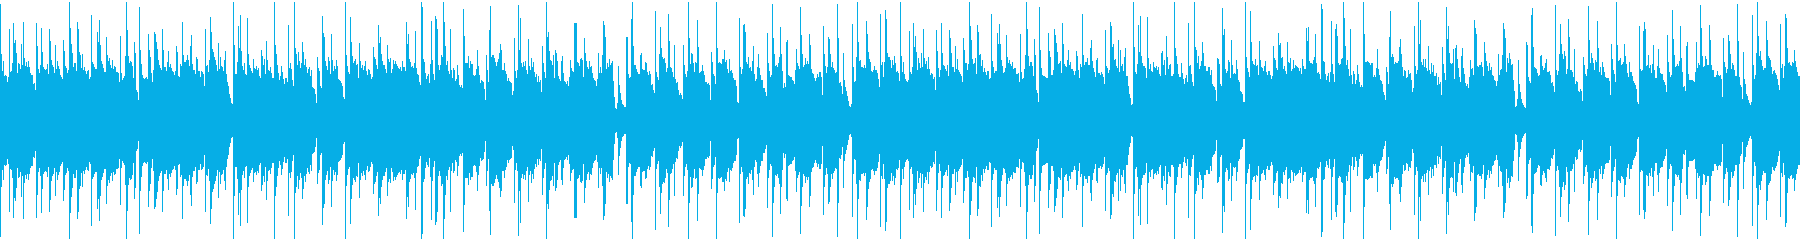 ウクレレとギターのほのぼのとしたポップスの再生済みの波形